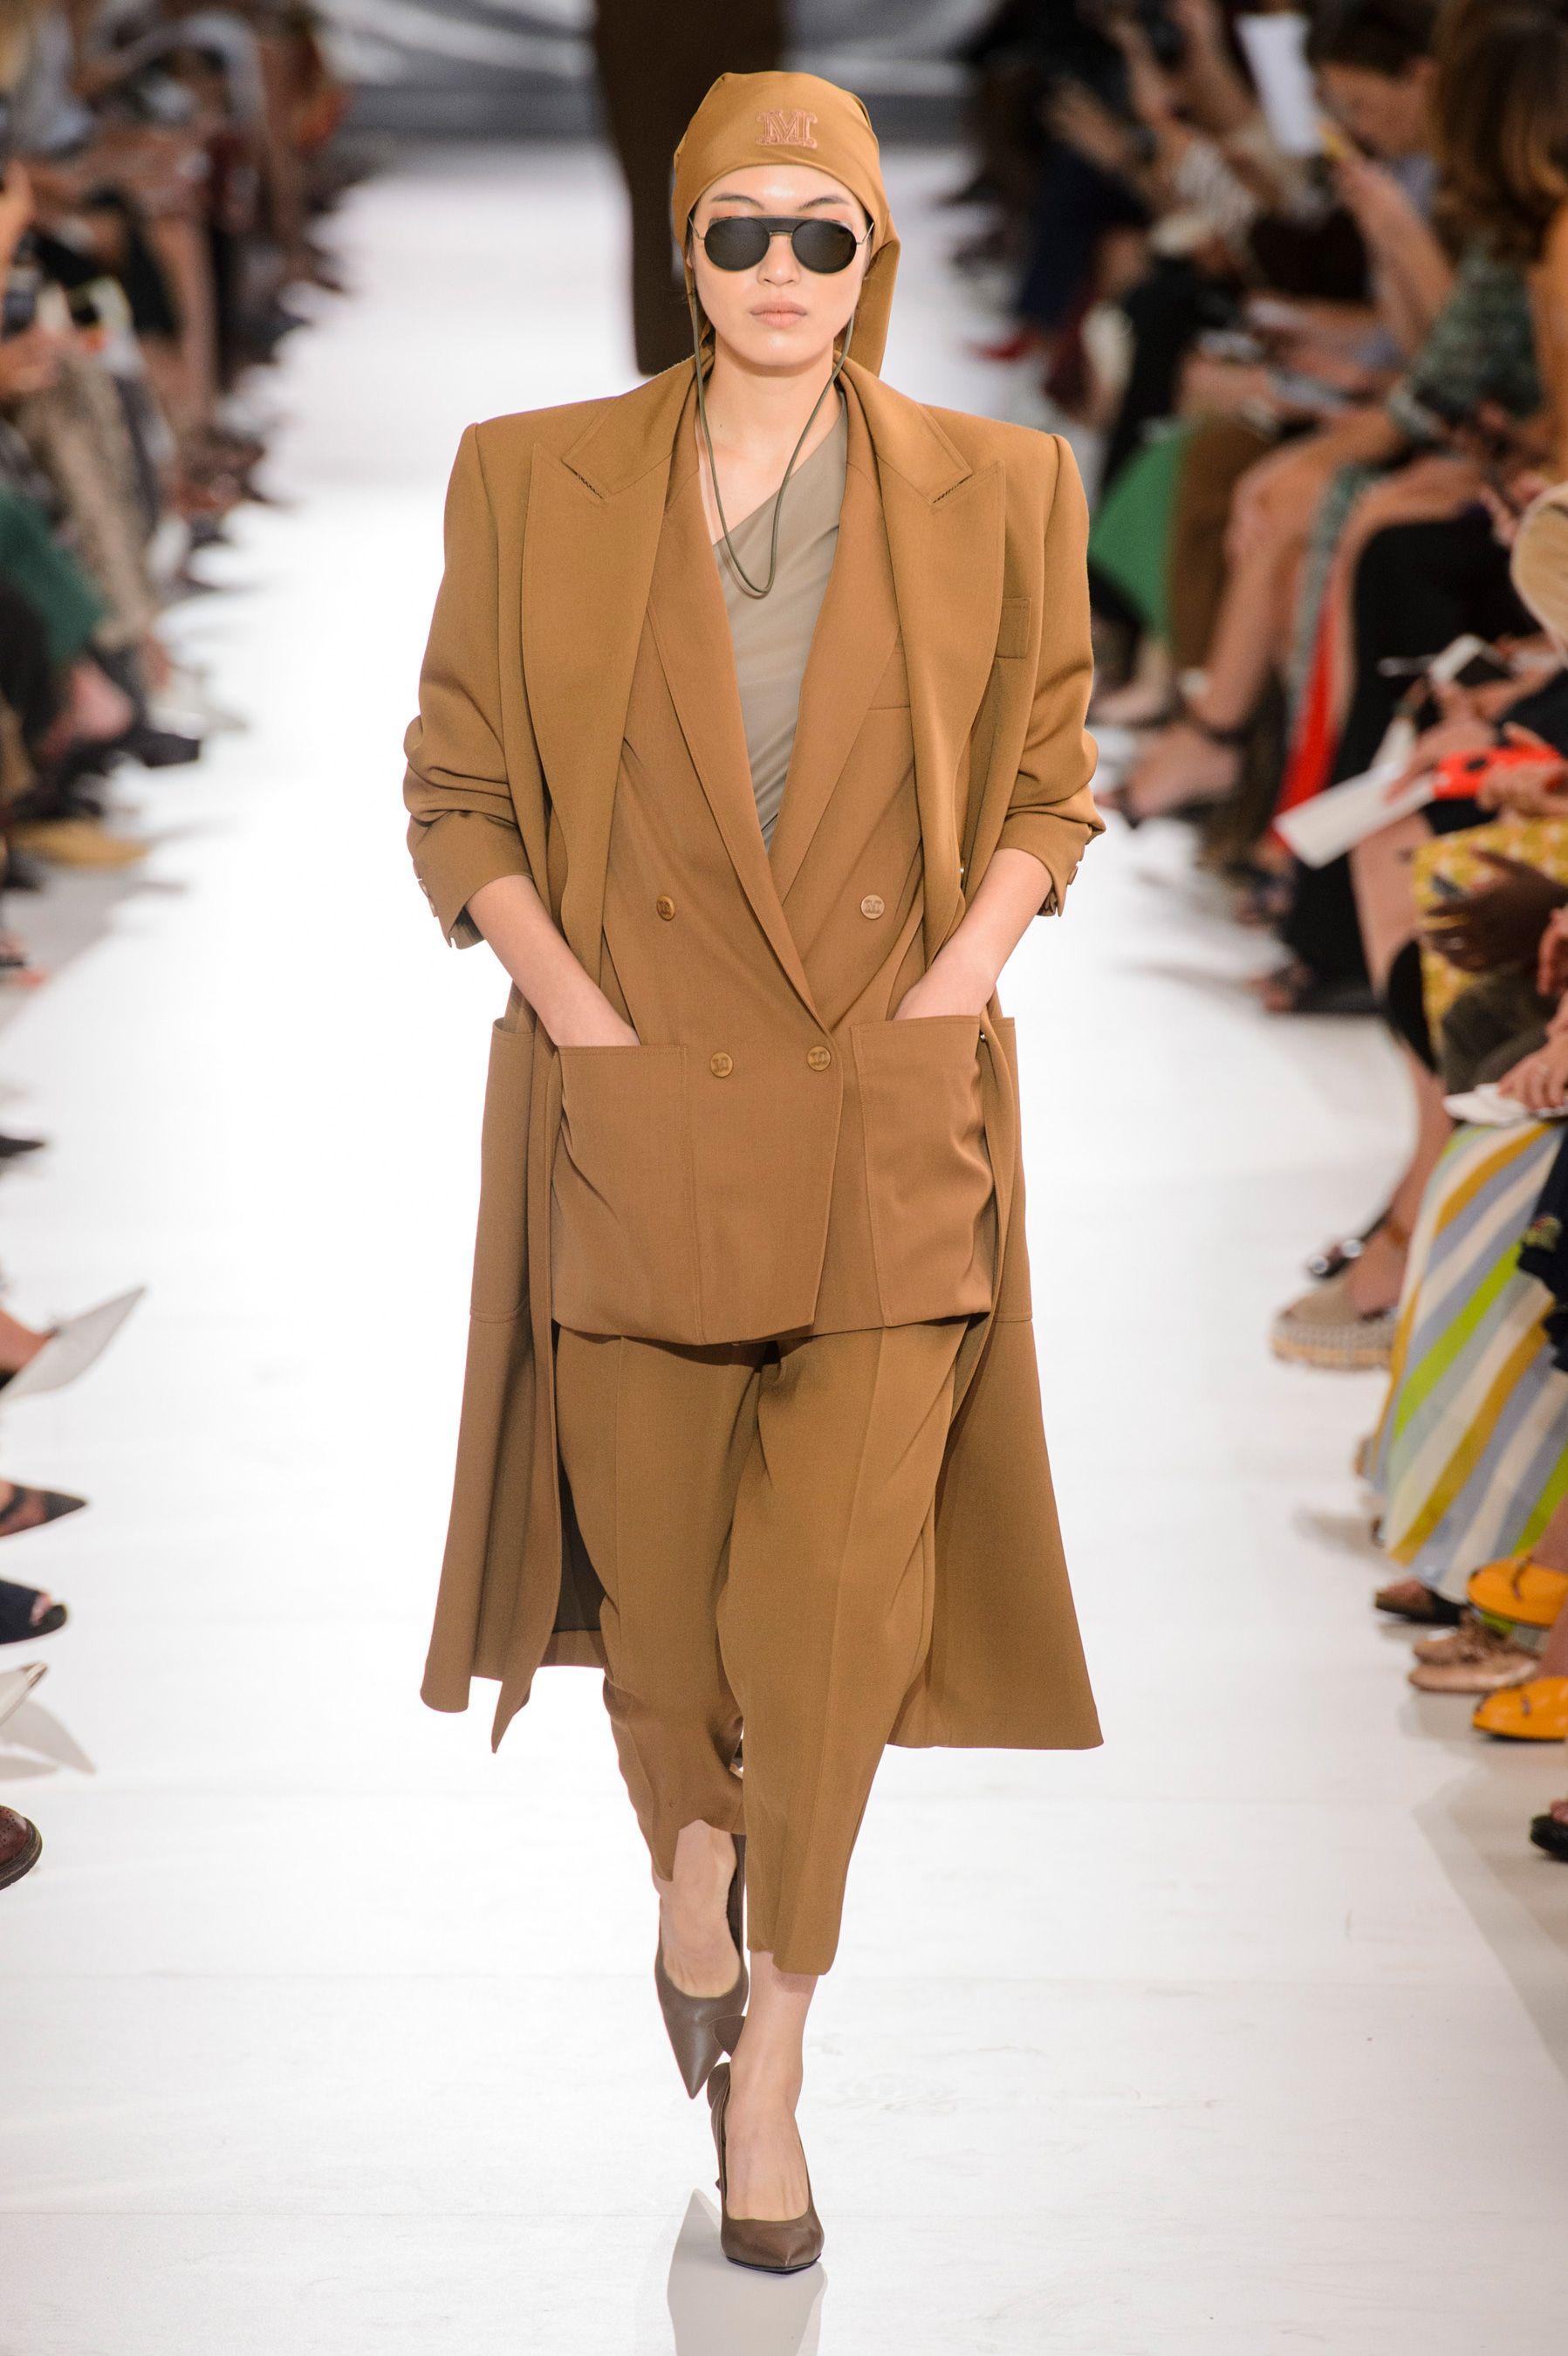 Max Mara, Max Mara SS 19, MFW, MFW SS 19, Milano Fashion Week, Milano, Fashion Week, primavera estate 2019, MFW 2019, real time women SS 19, sfilate